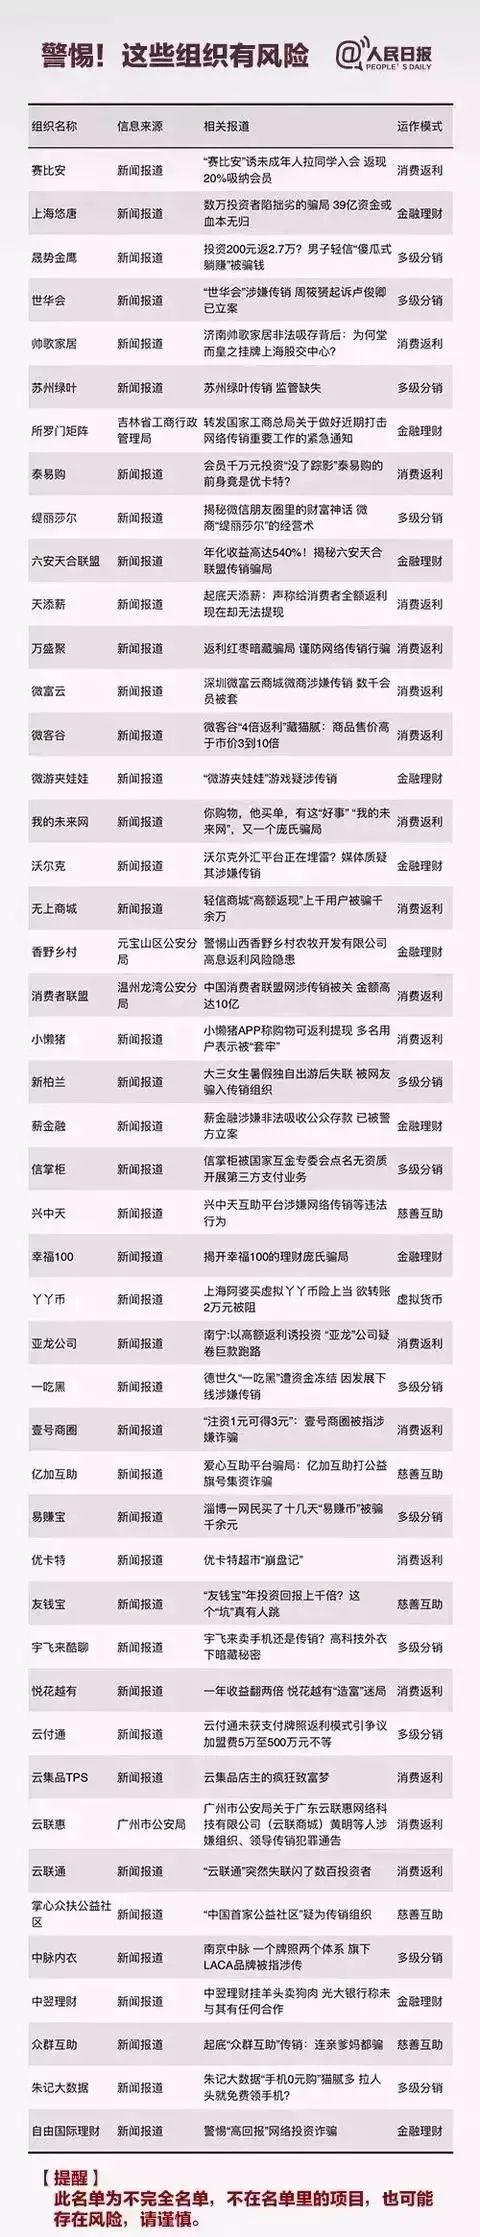 """现场视频曝光!广东20多名""""富婆""""被抓,她们都来自这些组织!插图54"""